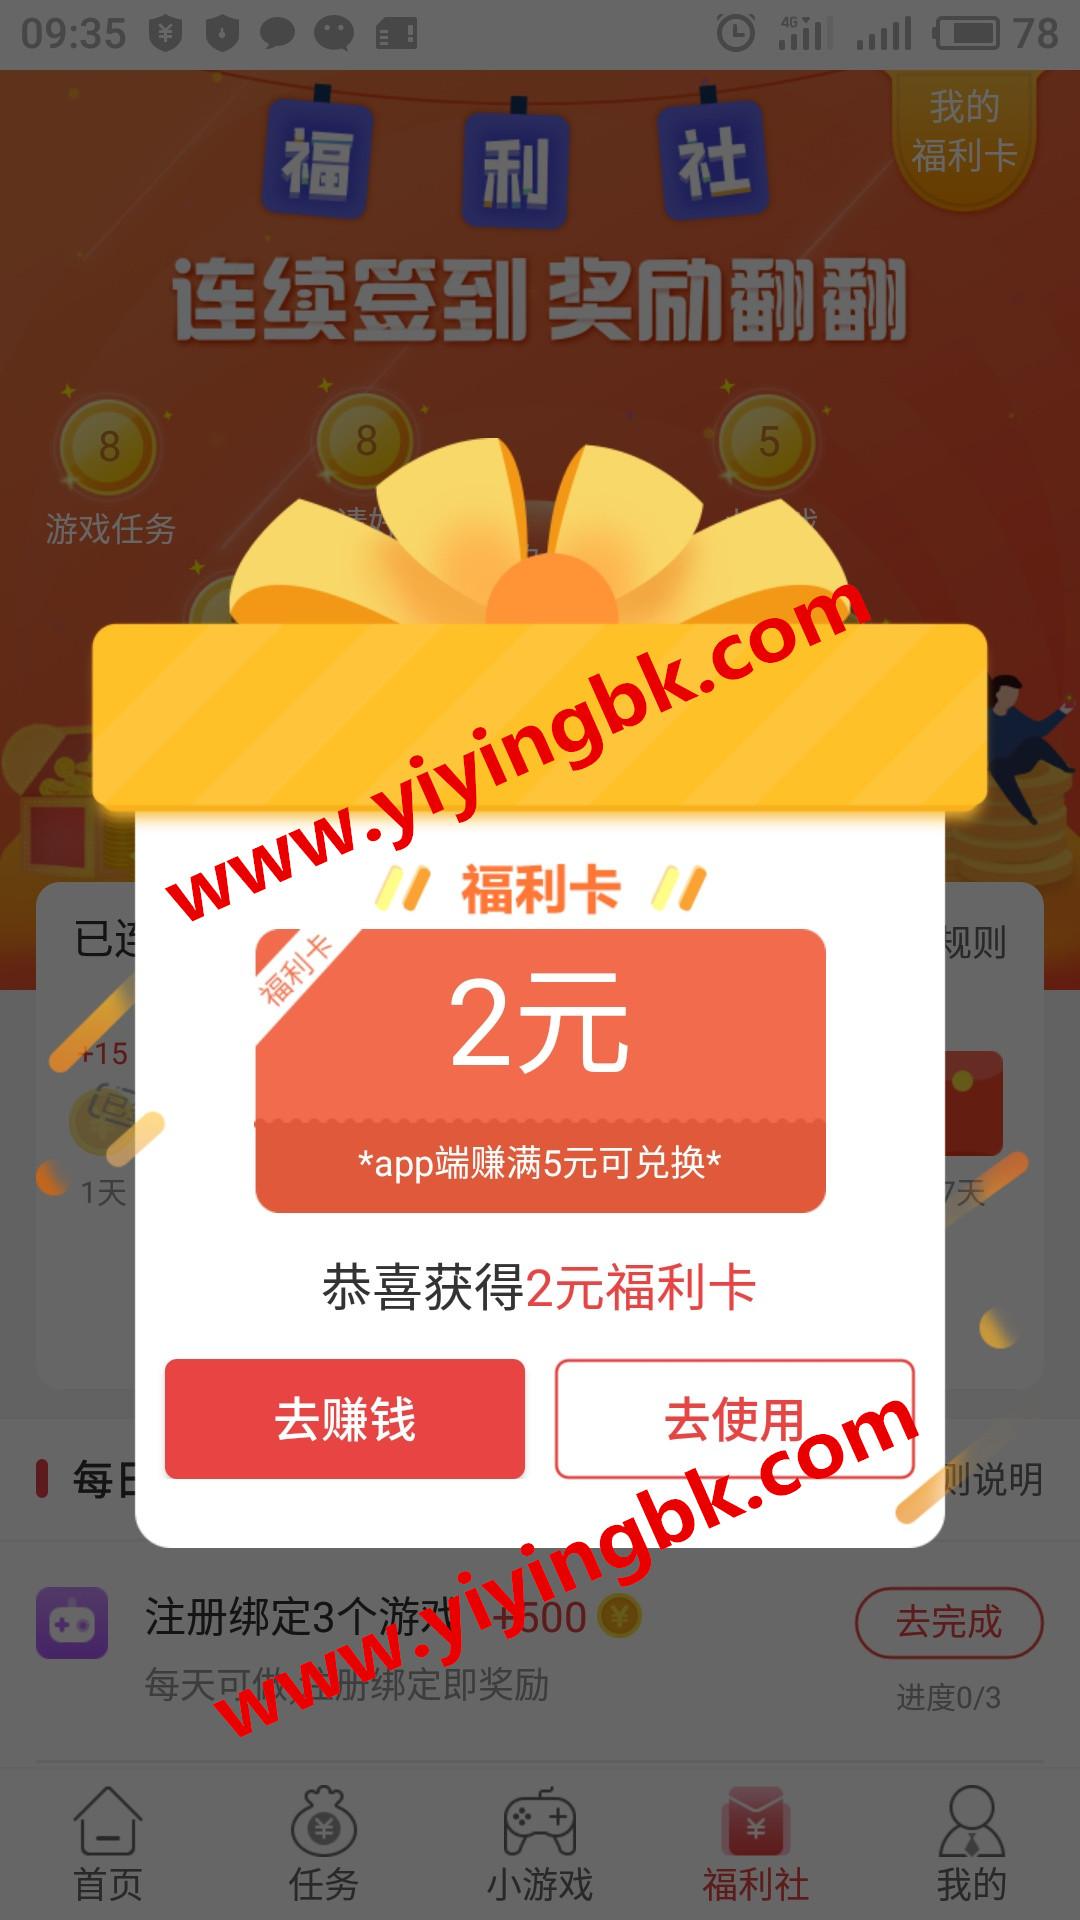 签到送2元红包,www.yiyingbk.com